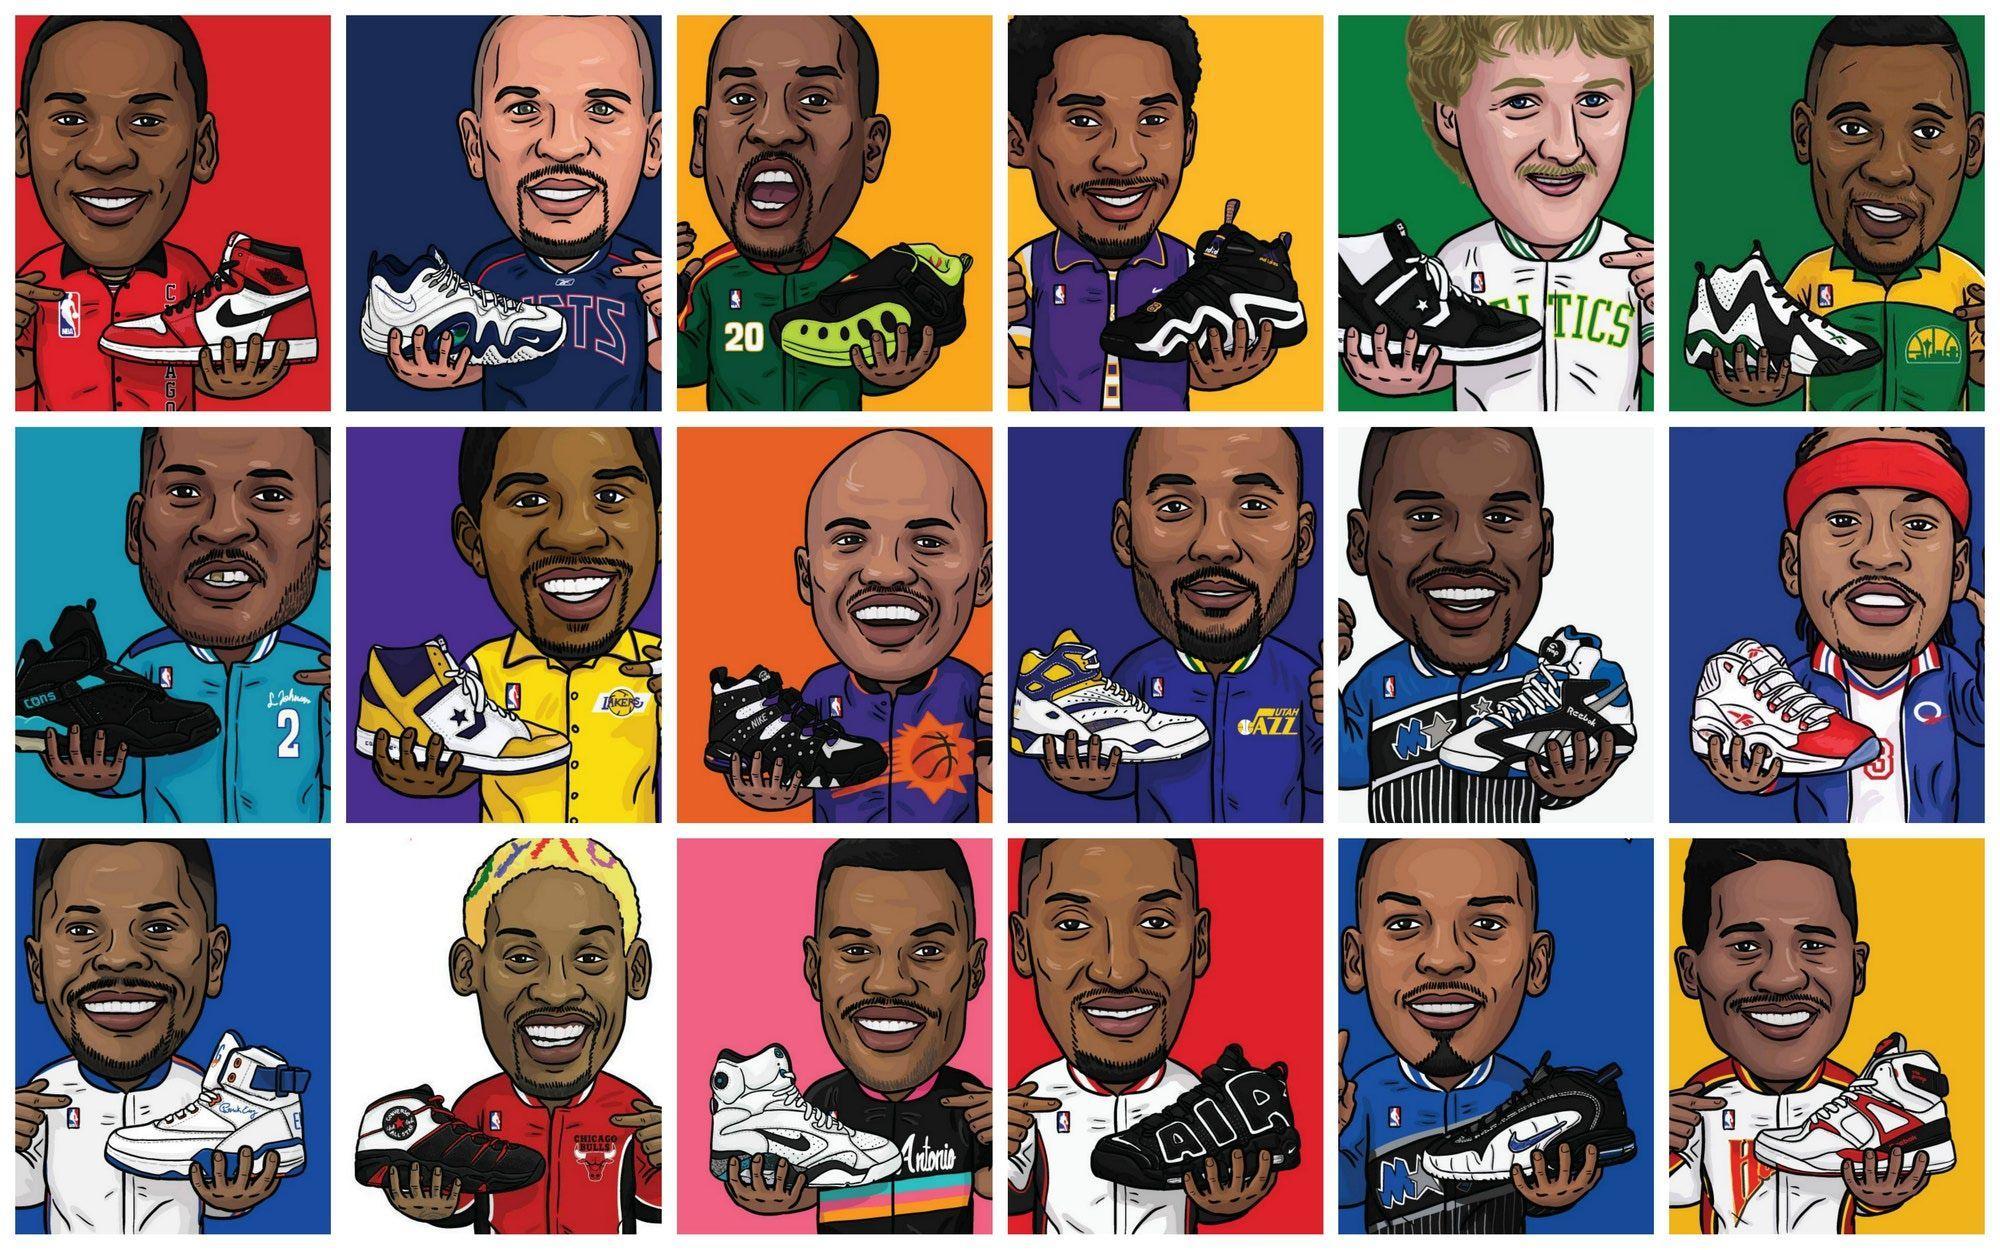 Dope Cartoon Nba Players: Cartoon NBA Players Wallpapers